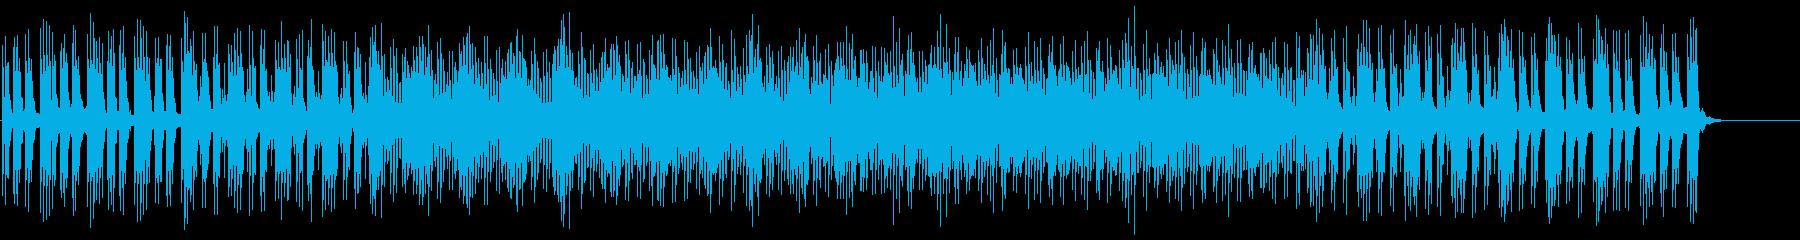 ミステリアスなマイナー・テクノ・ポップの再生済みの波形